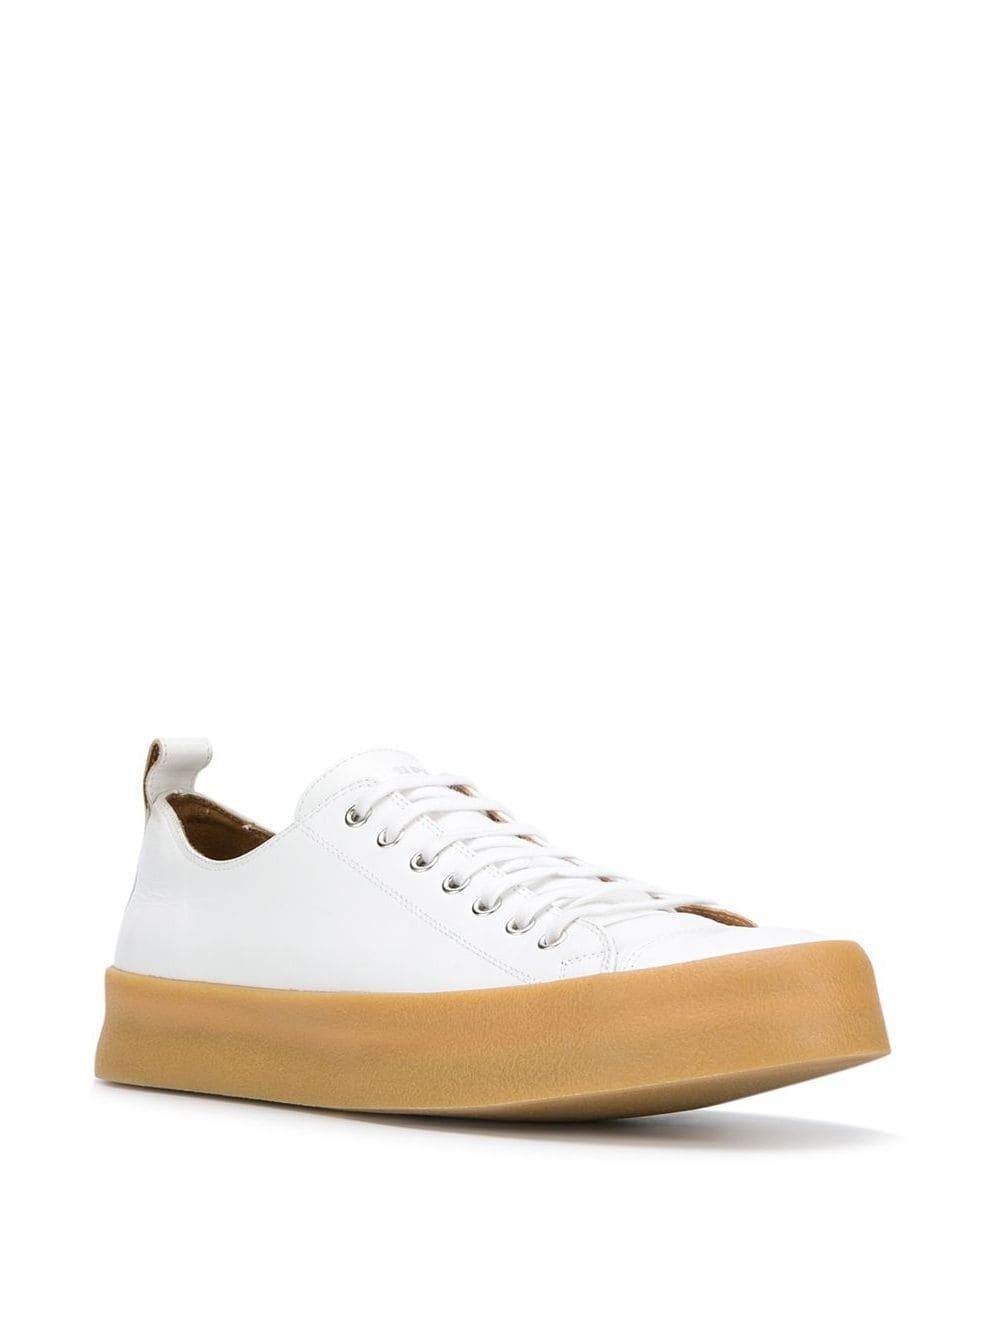 Zapatillas bajas AMI de Cuero de color Blanco para hombre